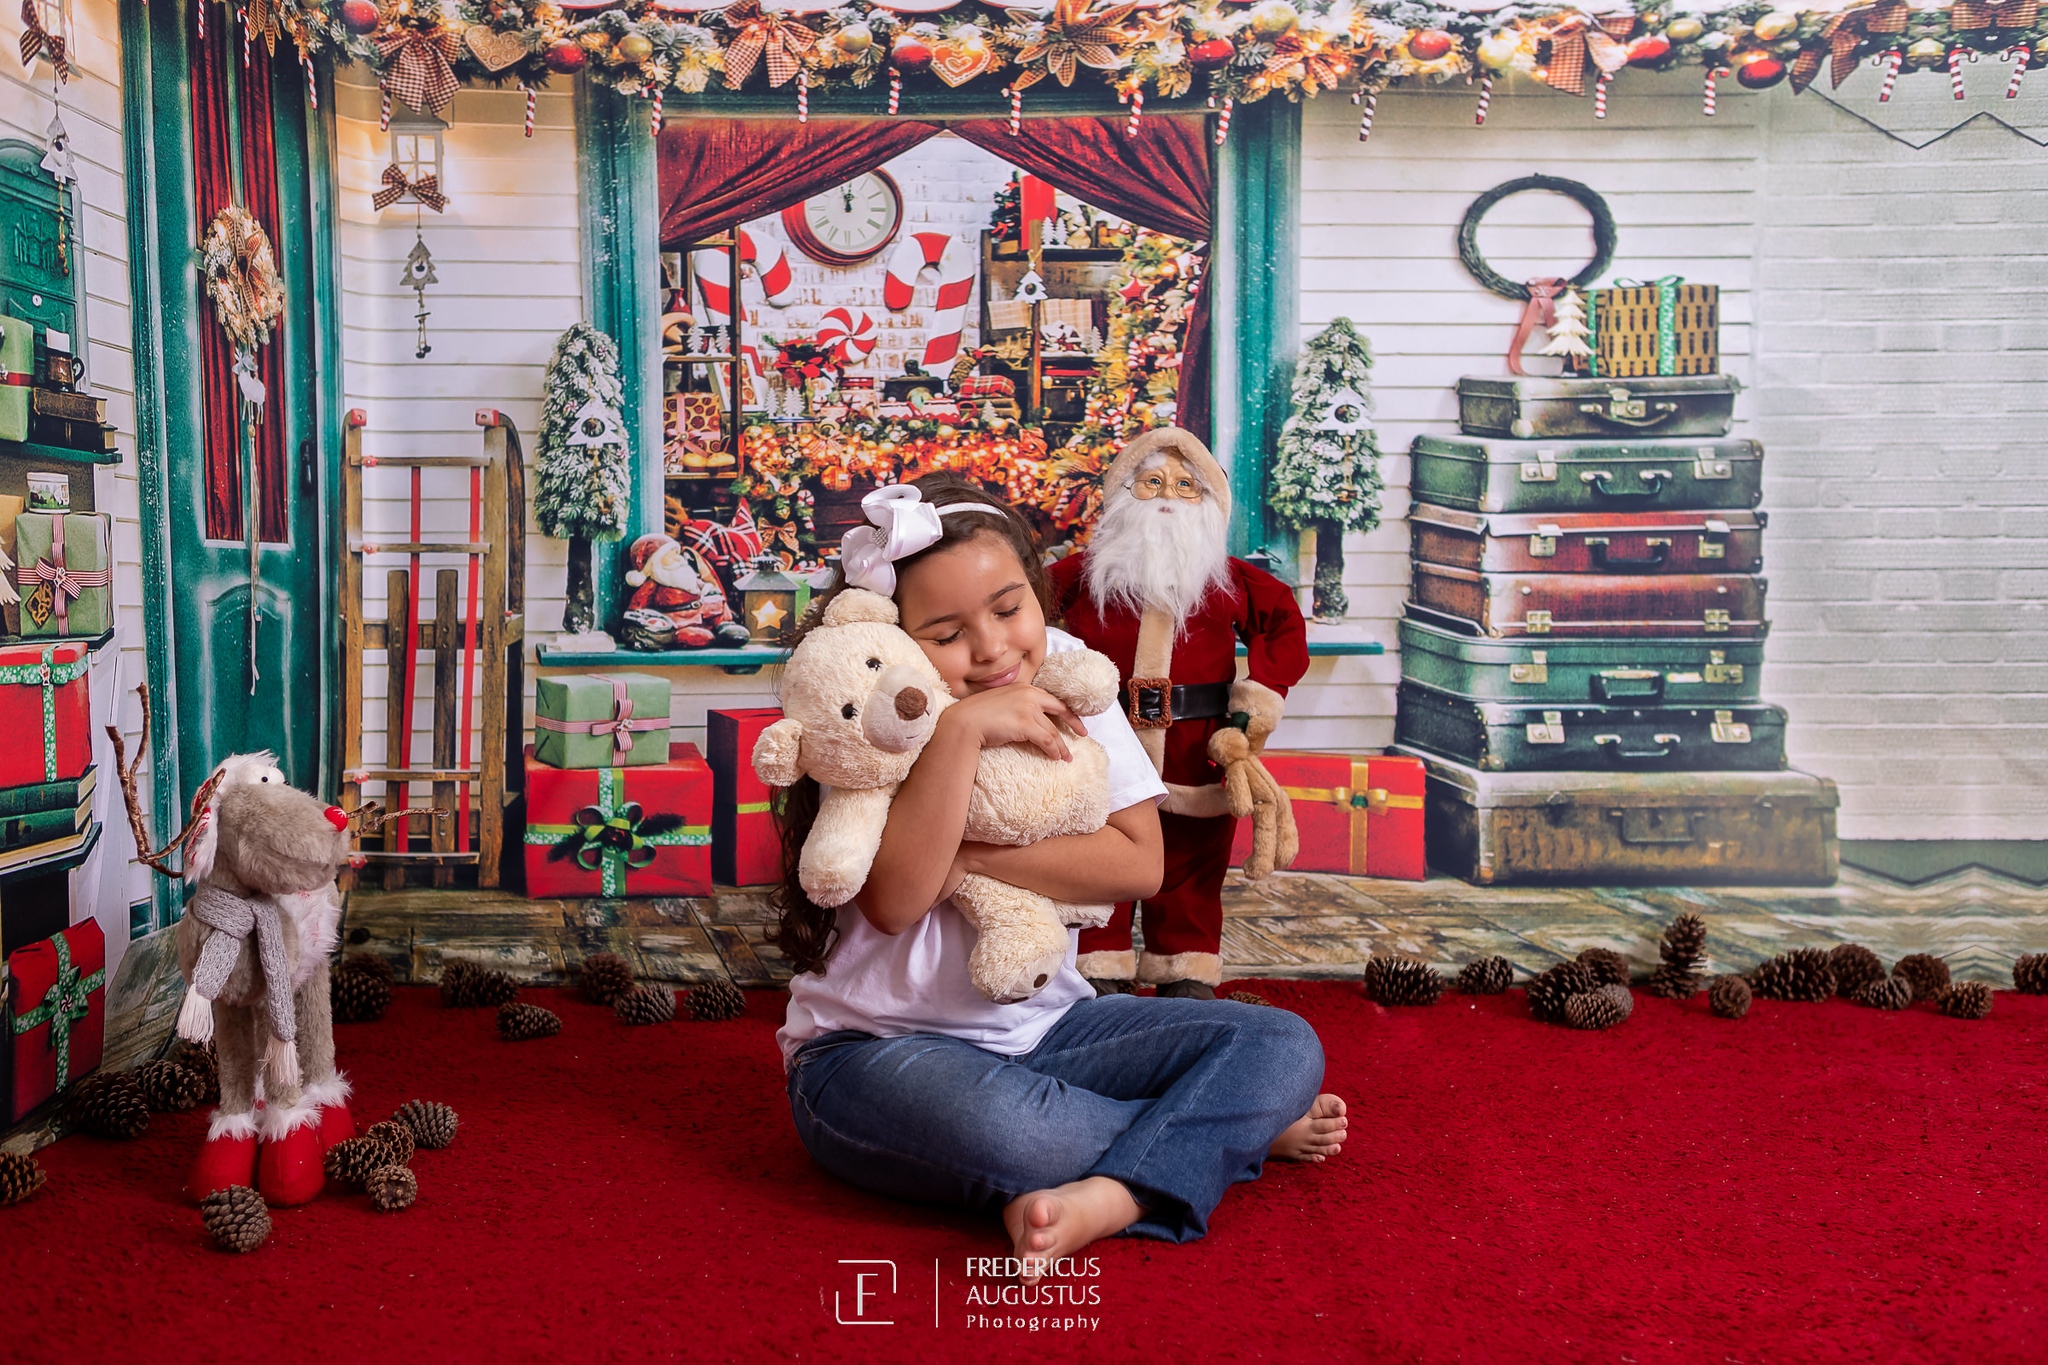 Ensaio fotografico de Natal da minha fofa Ana Luísa, com cenário em 3D, com um abraço bem apertado no urso de pelúcia